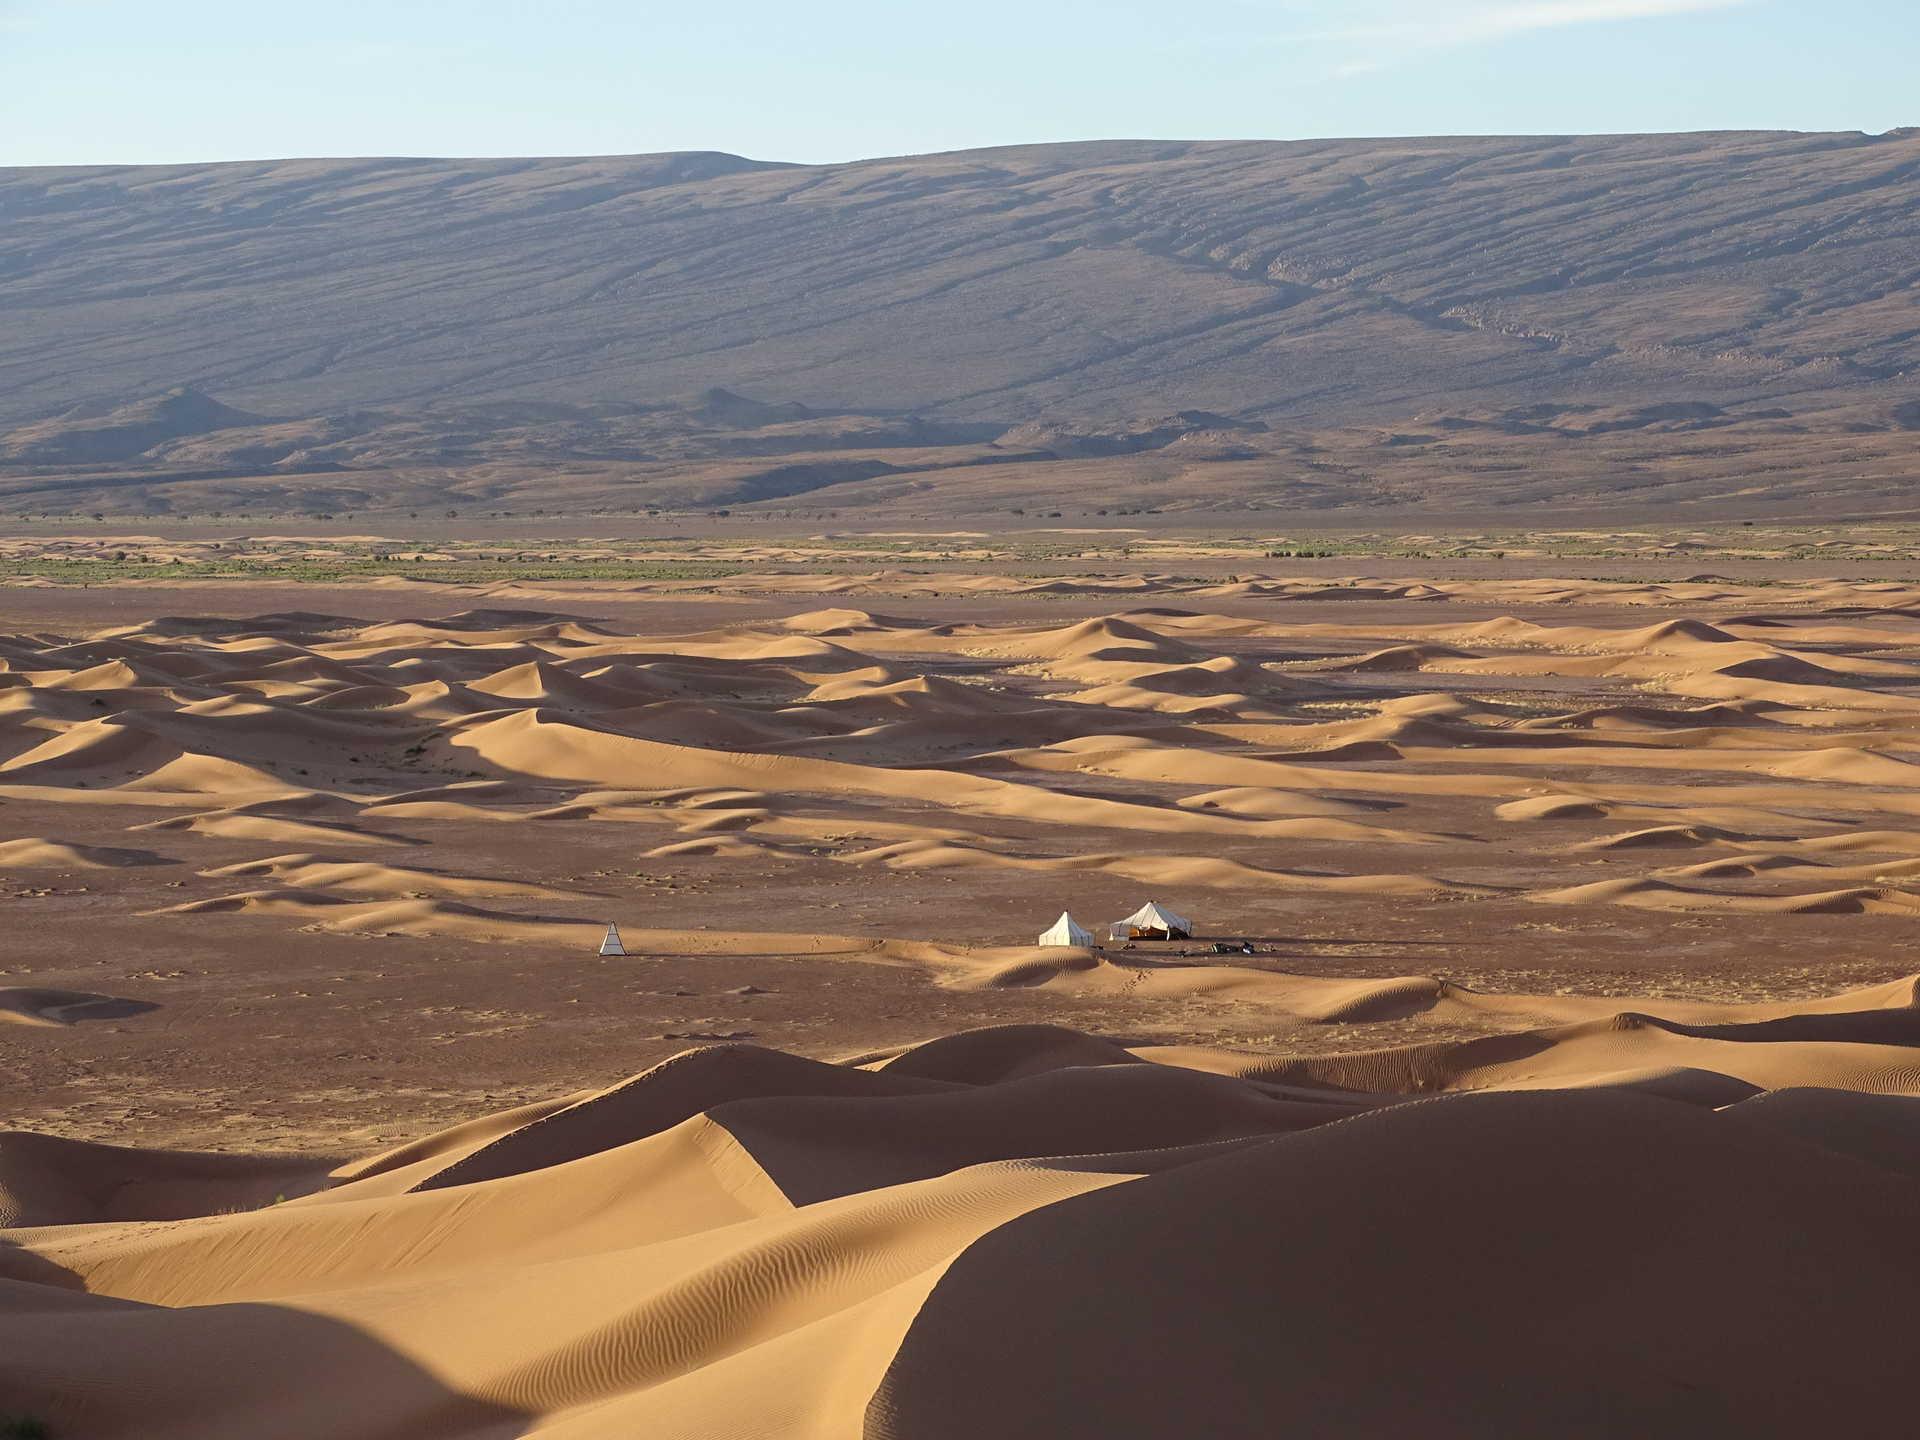 Bivouac dans les dunes, Drâa, Maroc